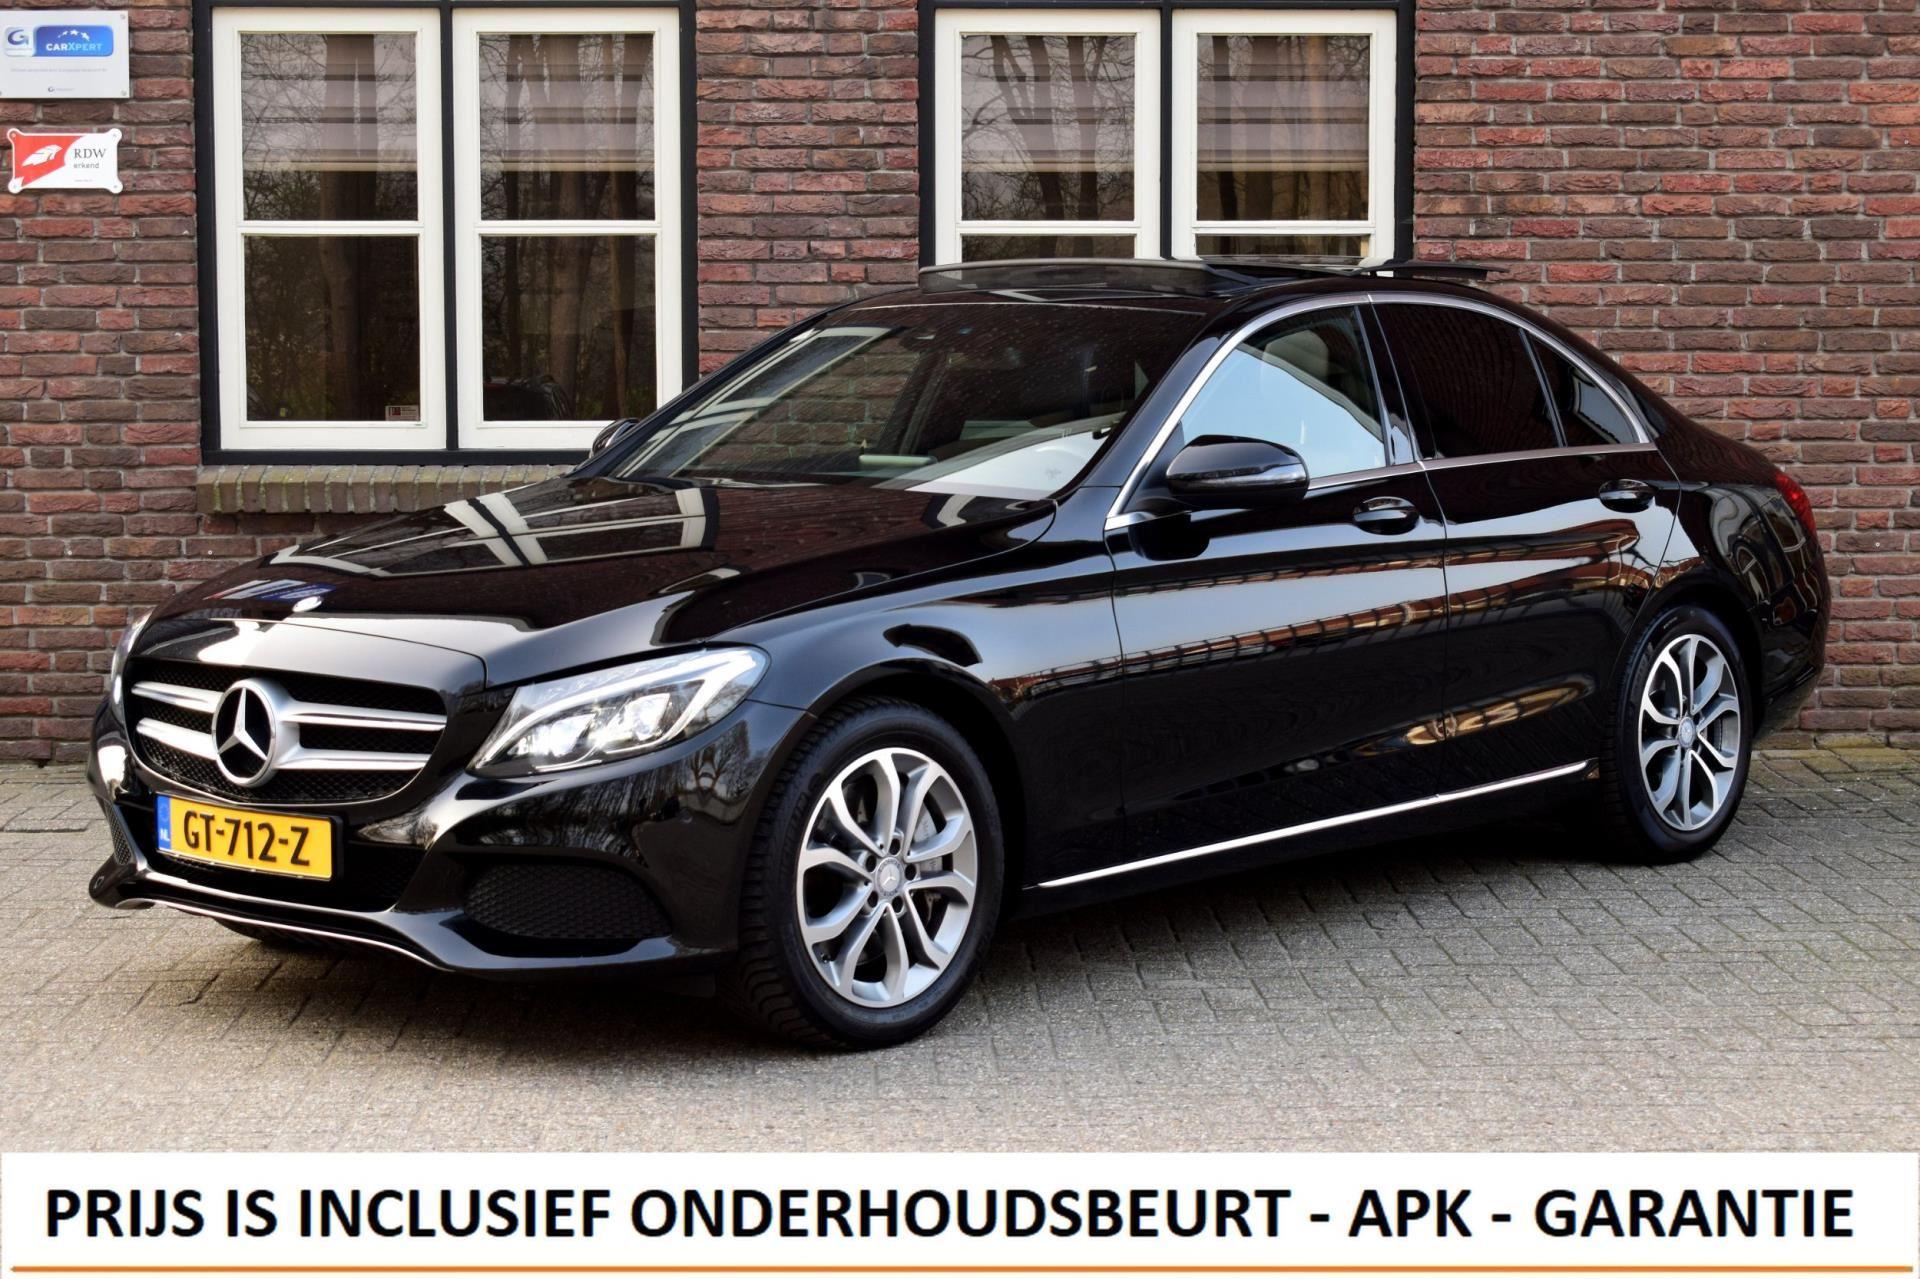 Mercedes-Benz C-klasse occasion - Autobedrijf van der Veen